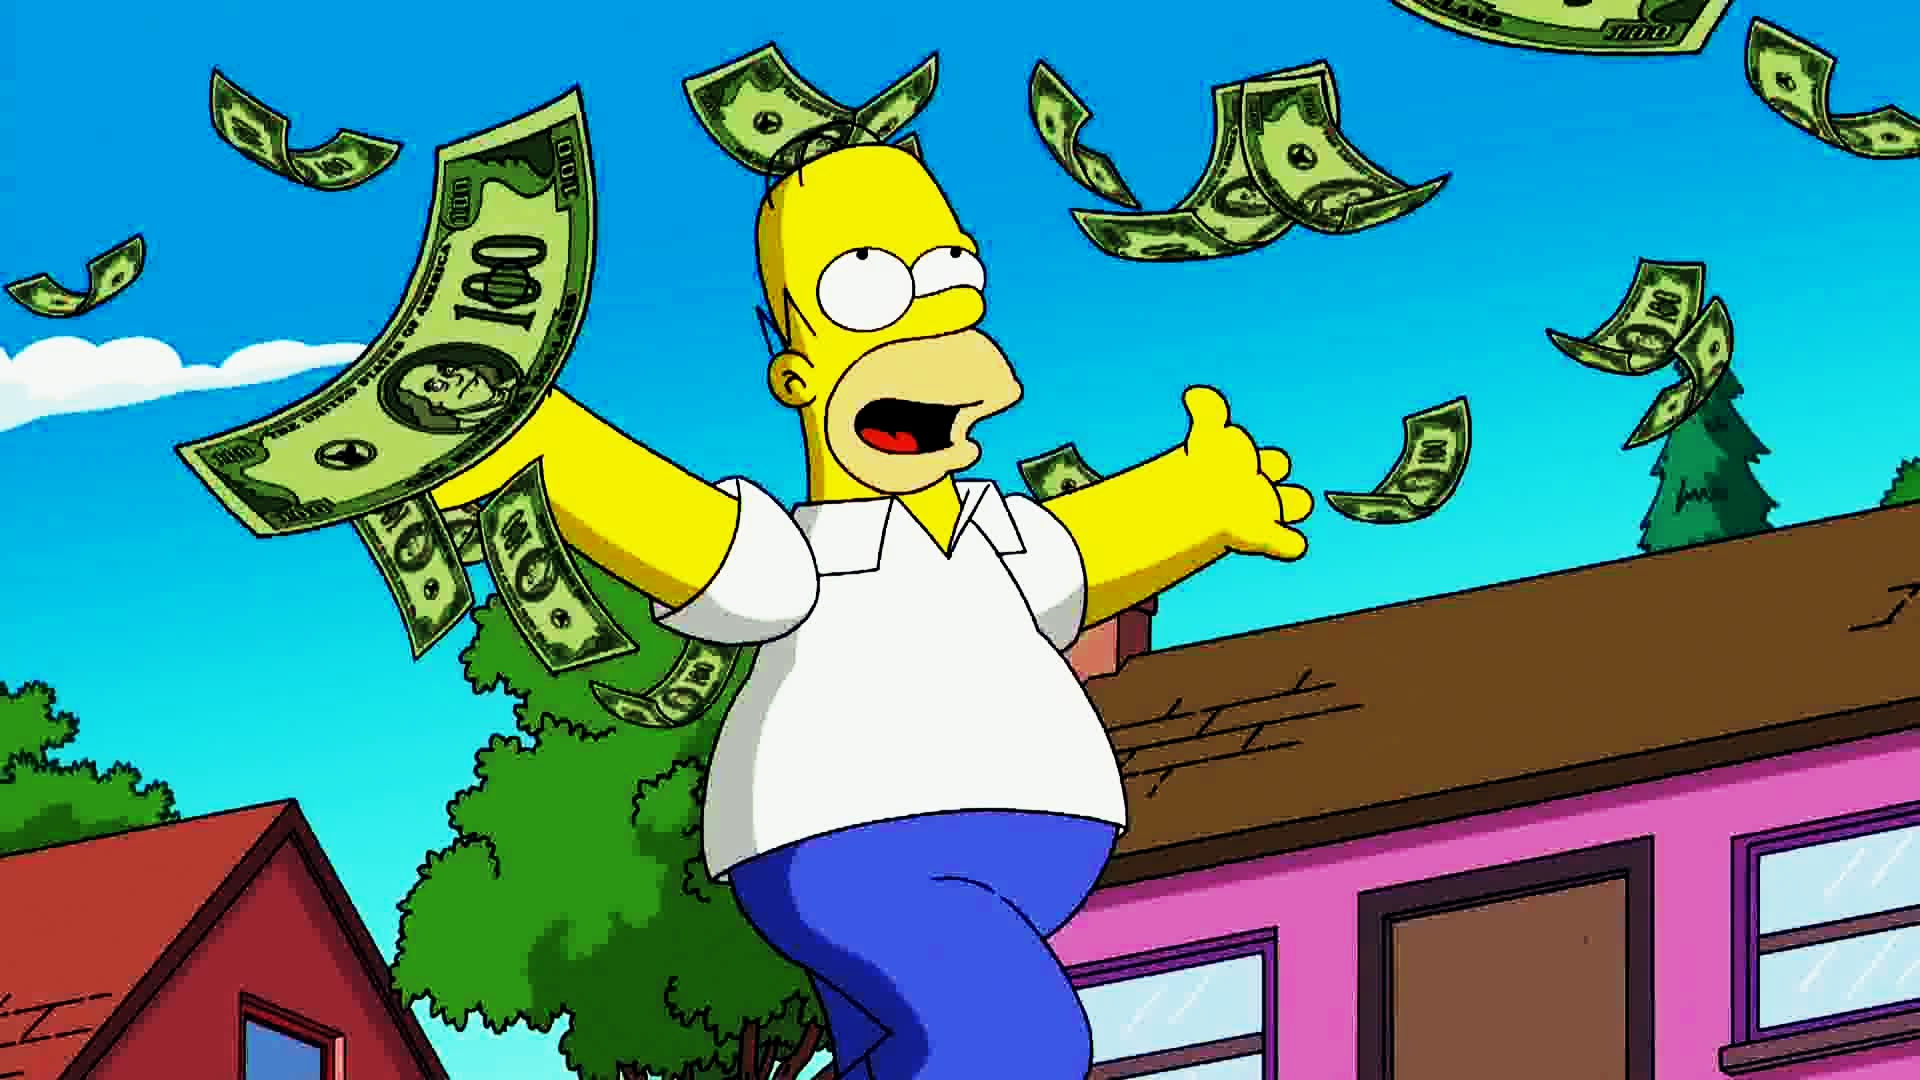 I Simpson e l'economia. Maledetta inflazione che ci fa invecchiare i soldi nelle tasche